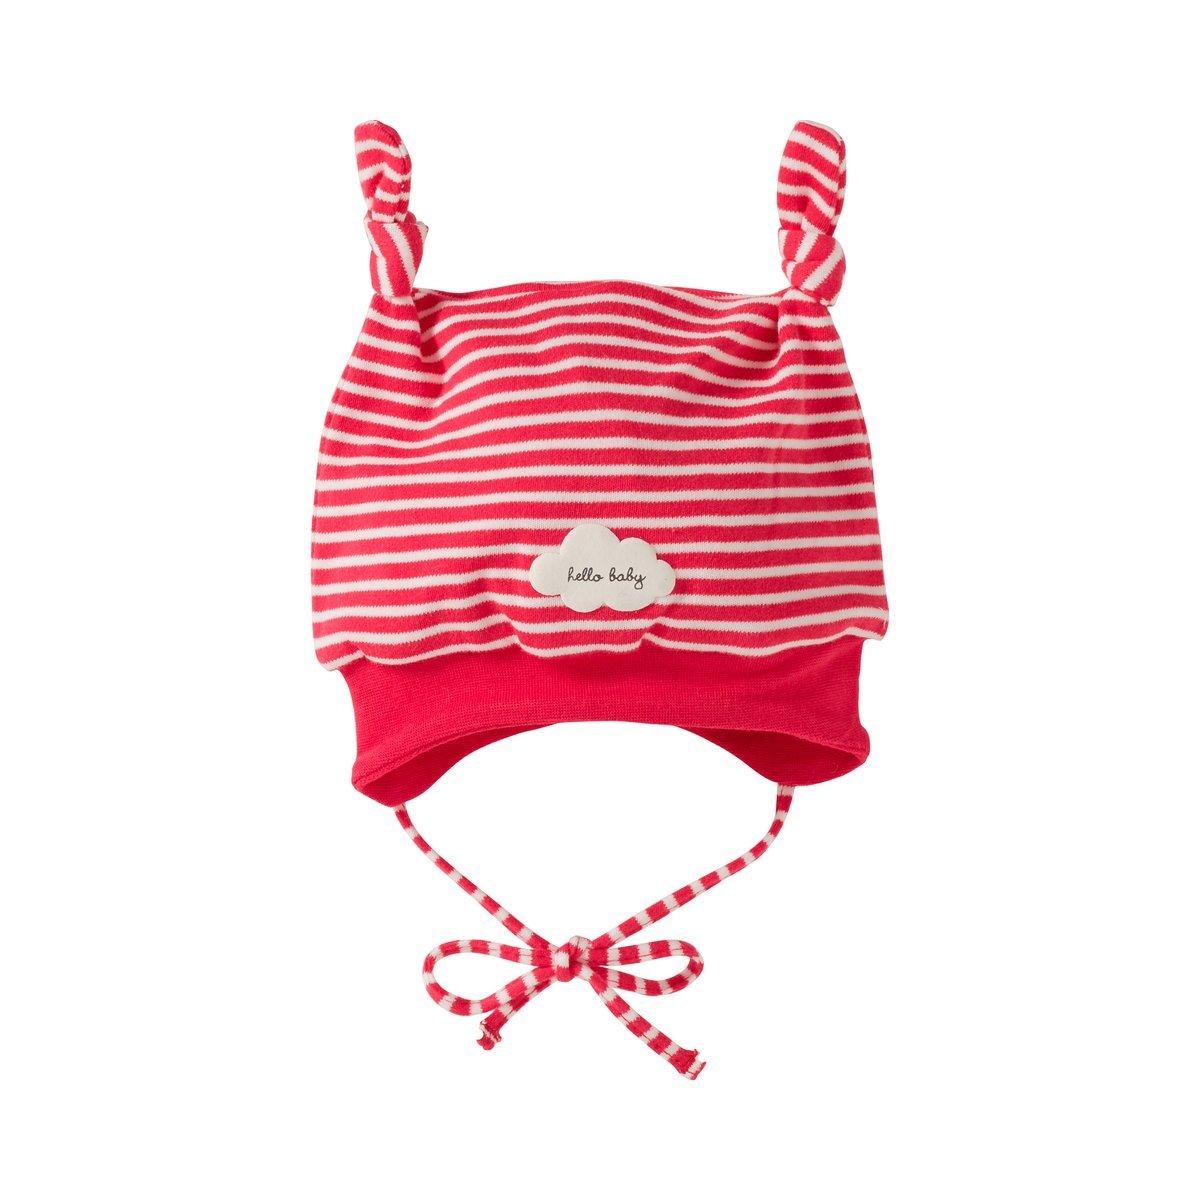 Bornino Basics M/ütze sch/ützt vor K/älte Ringel-Look gestreifte Babym/ütze mit Zipfeln Baby-M/ützchen zum Binden mit Wolken-Print